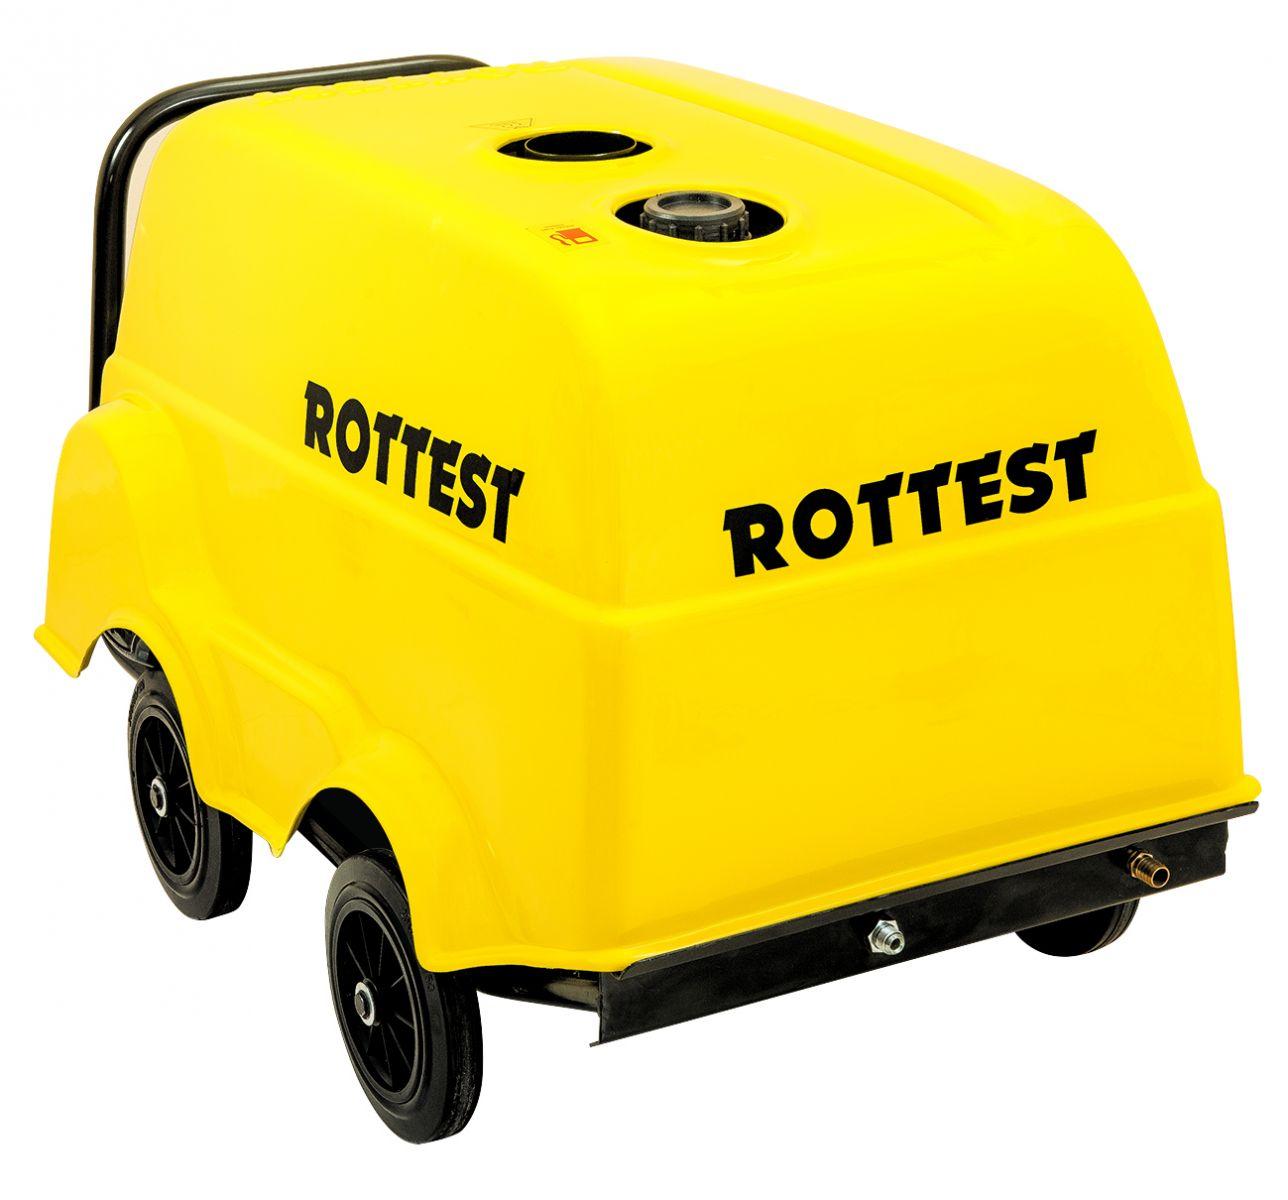 rottest yikama - Rottest Servisi